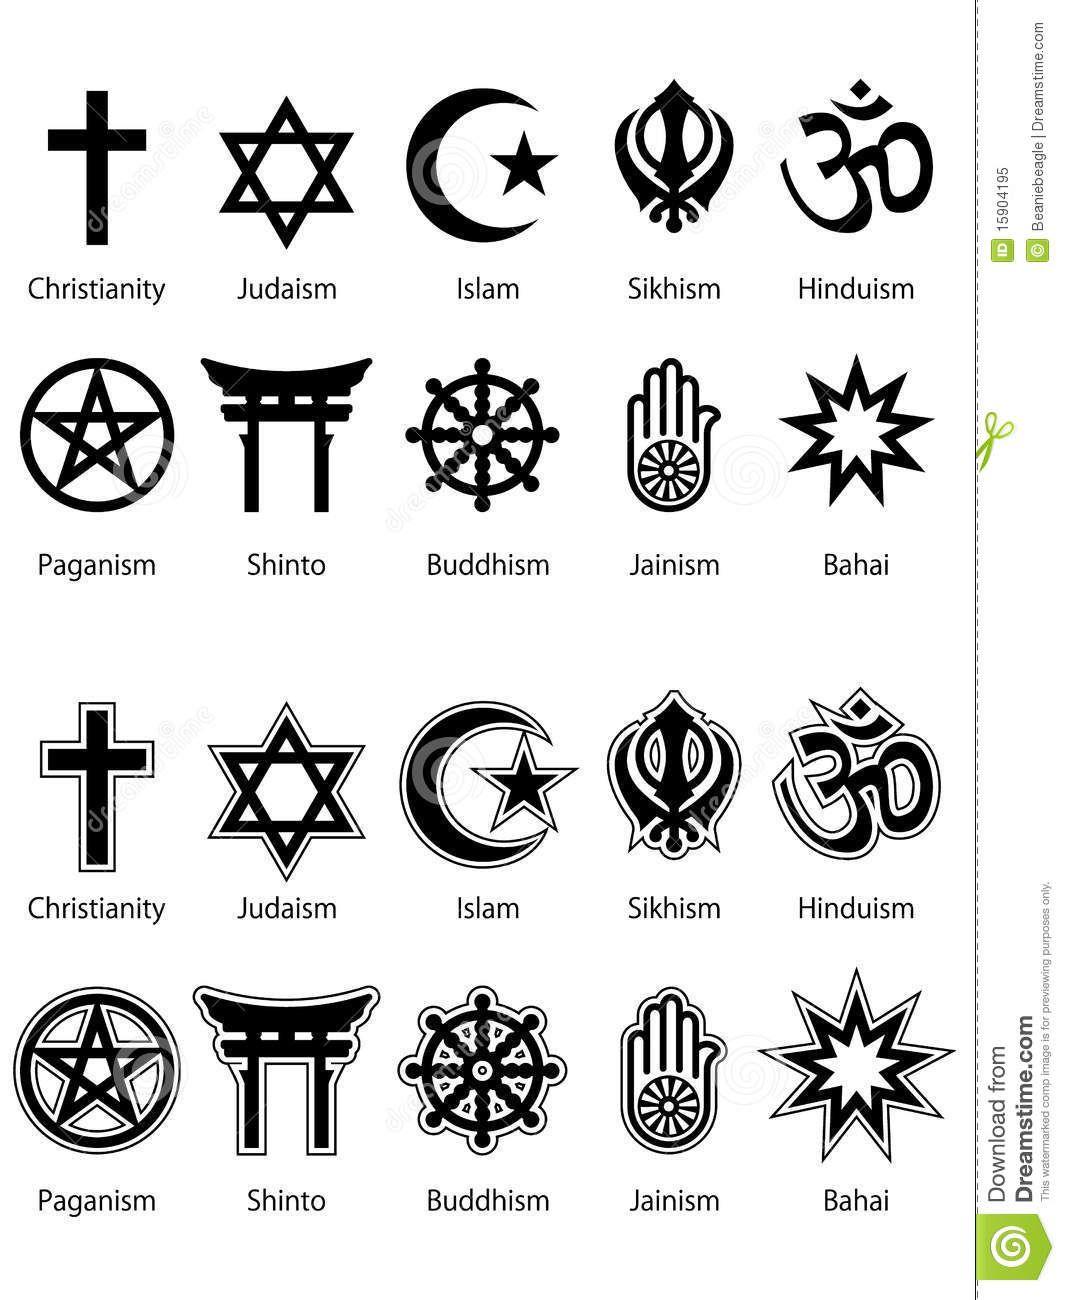 hinduismo simbolo - Buscar con Google | j | Pinterest ...